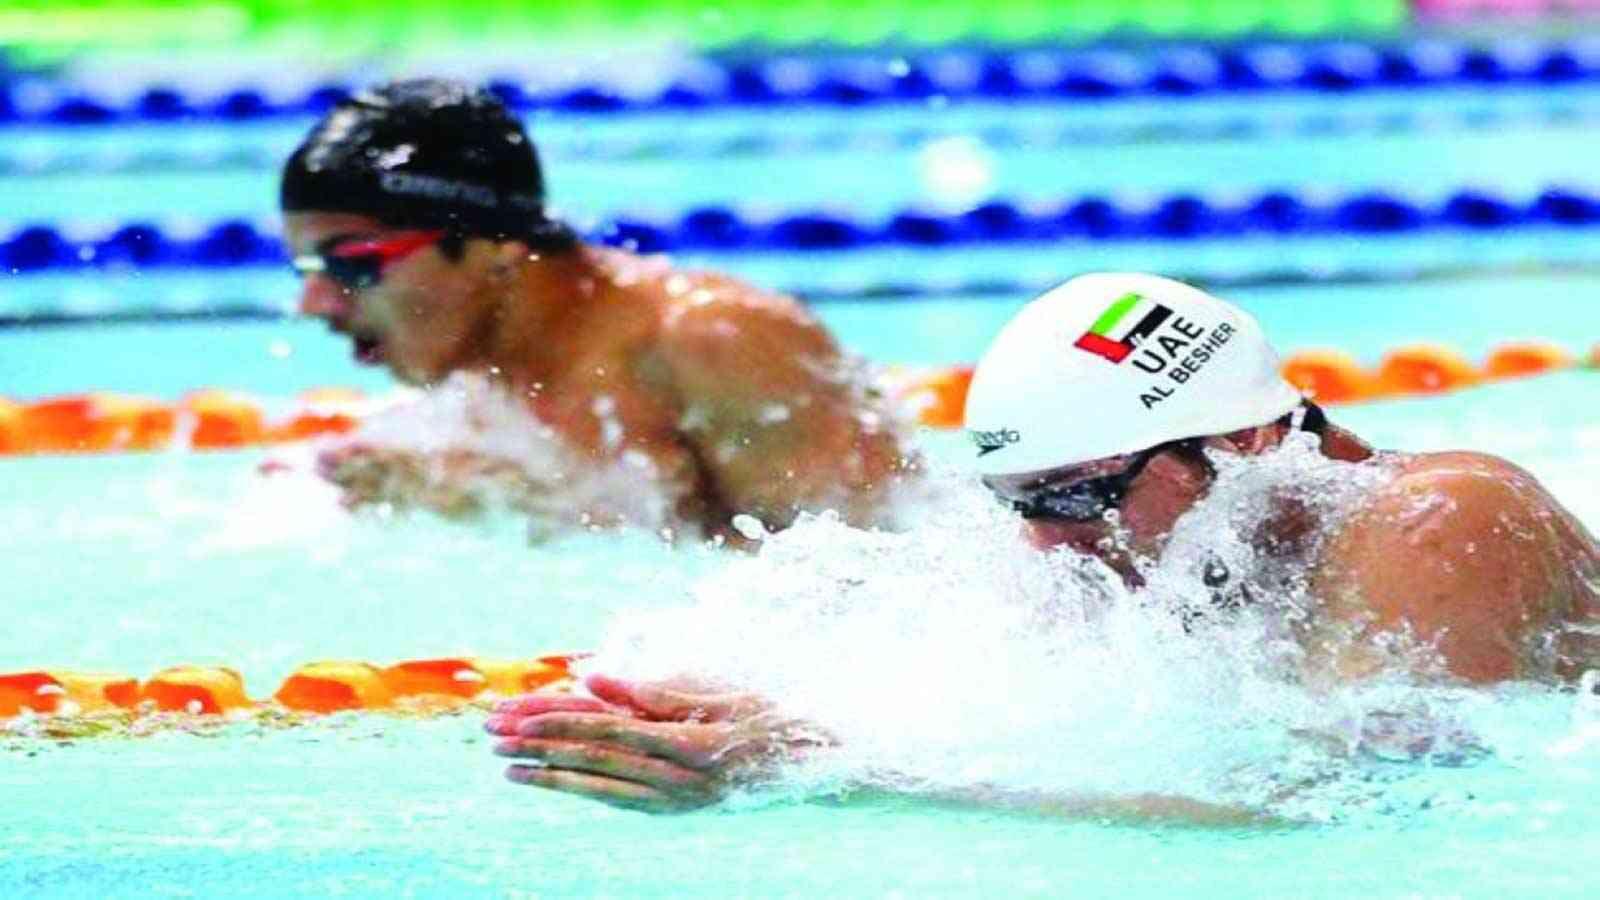 أبوظبي تستضيف البطولة العربية الأولى للسباحة بمشاركة 18 دولة